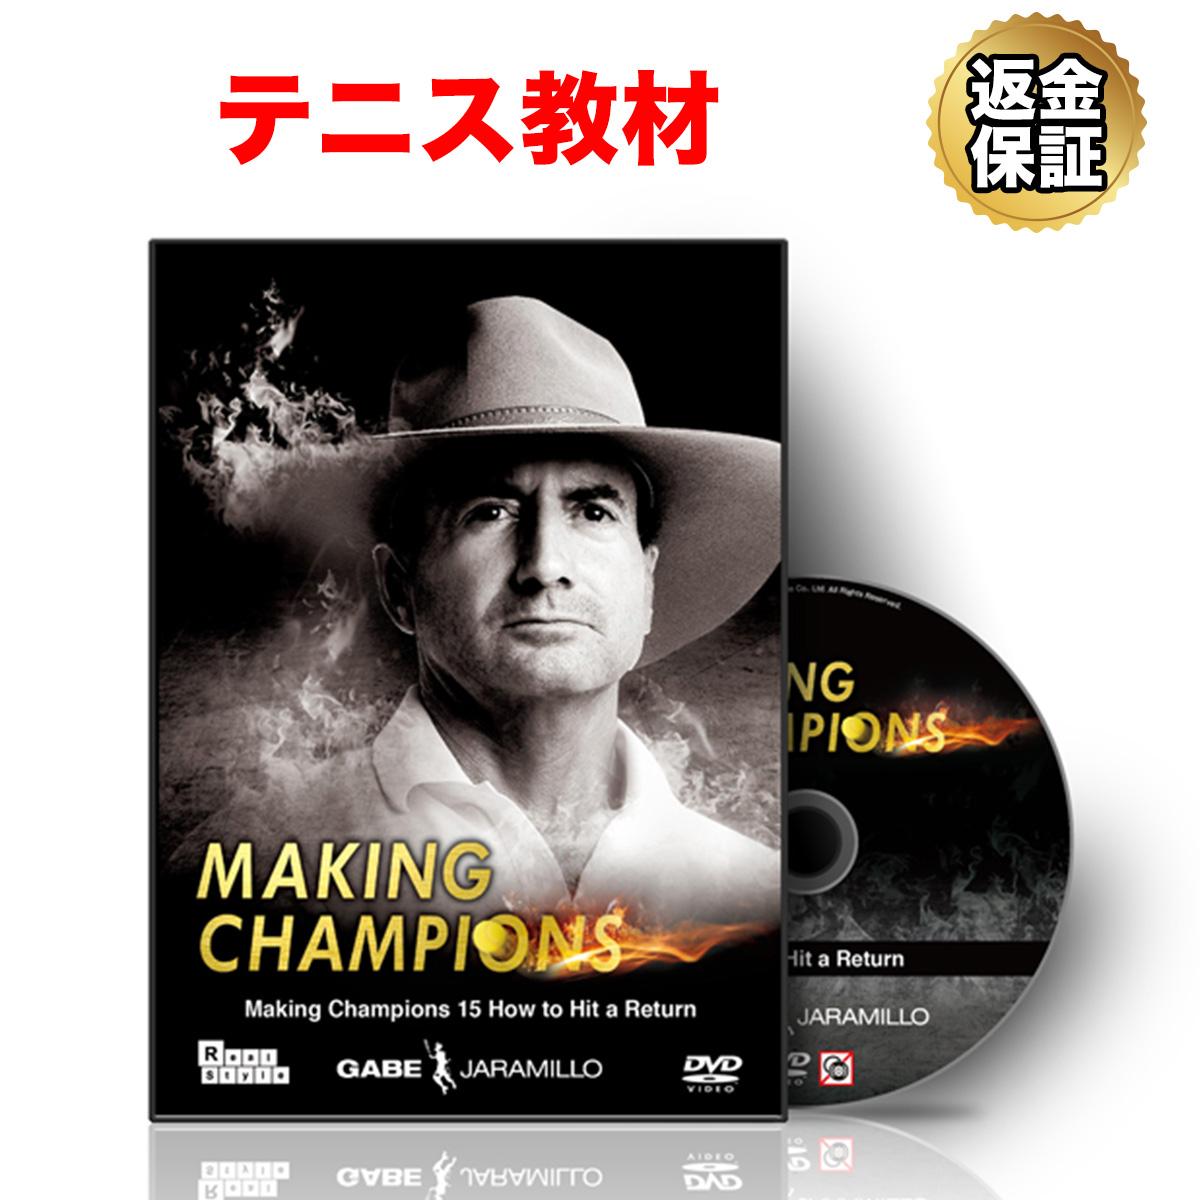 テニス 教材 DVD Making Champions 賜物 15 Return Hit 買物 a to How